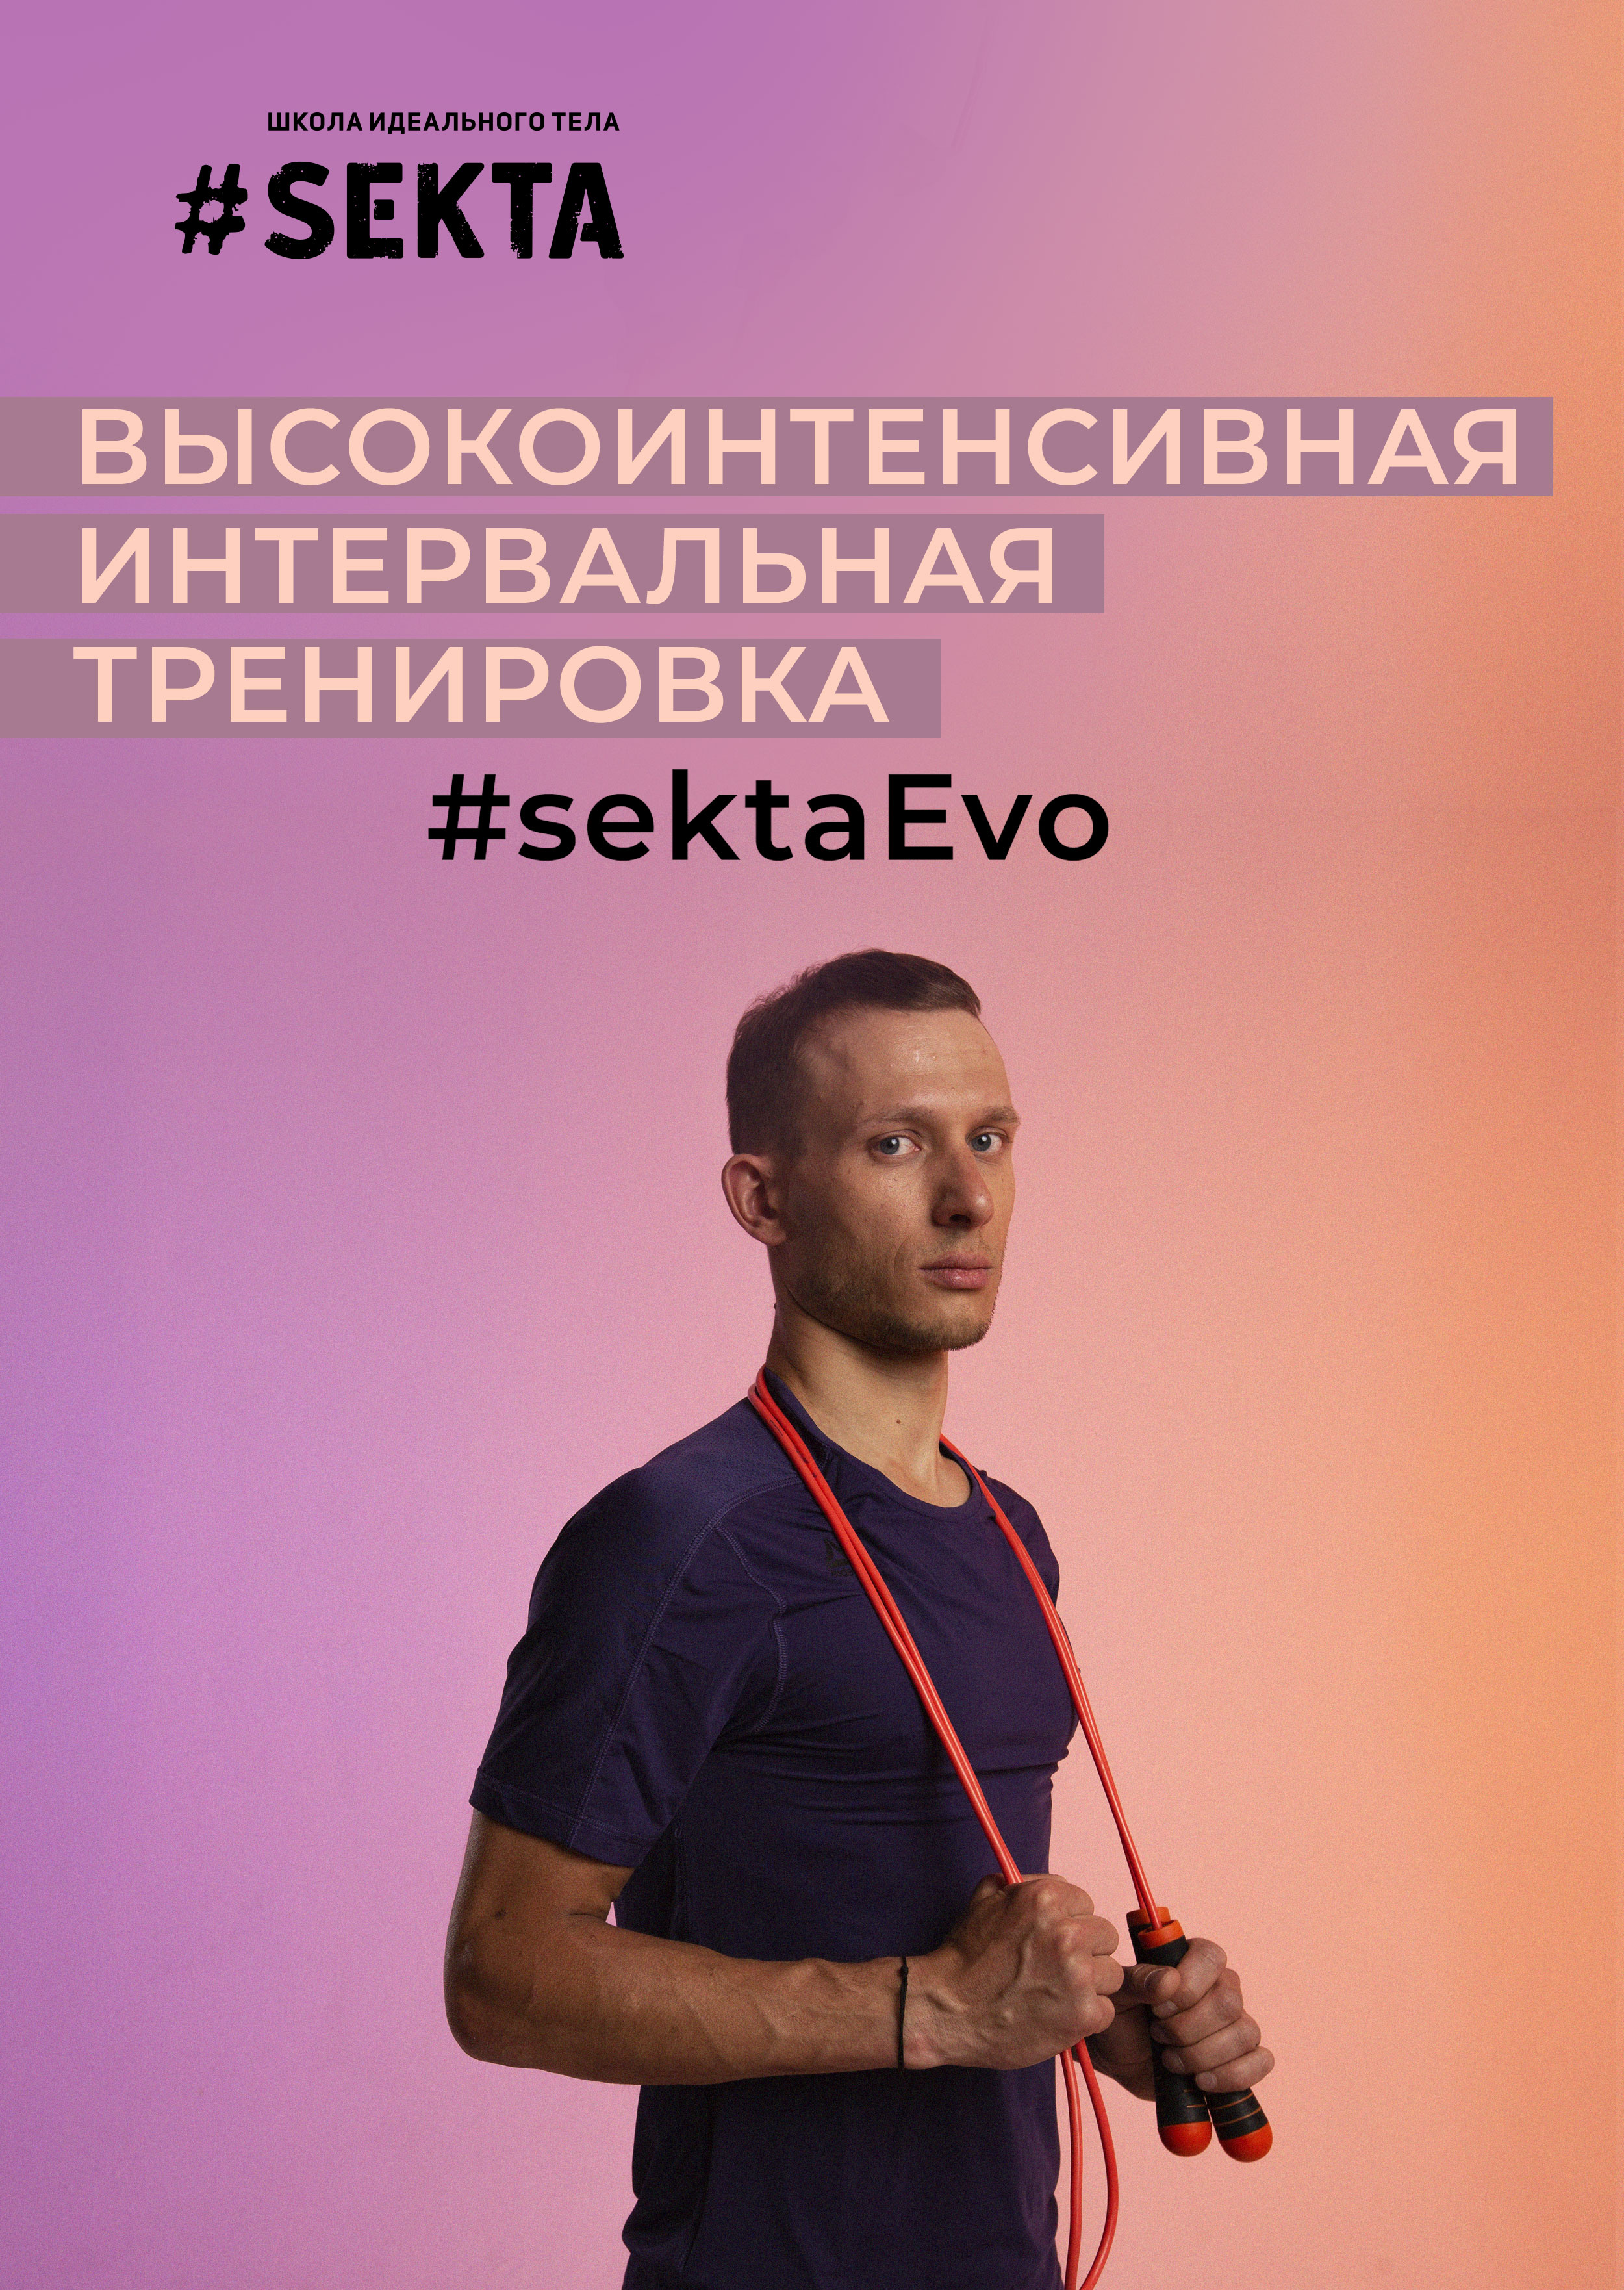 Высокоинтенсивная интервальная тренировка #sektaEvo